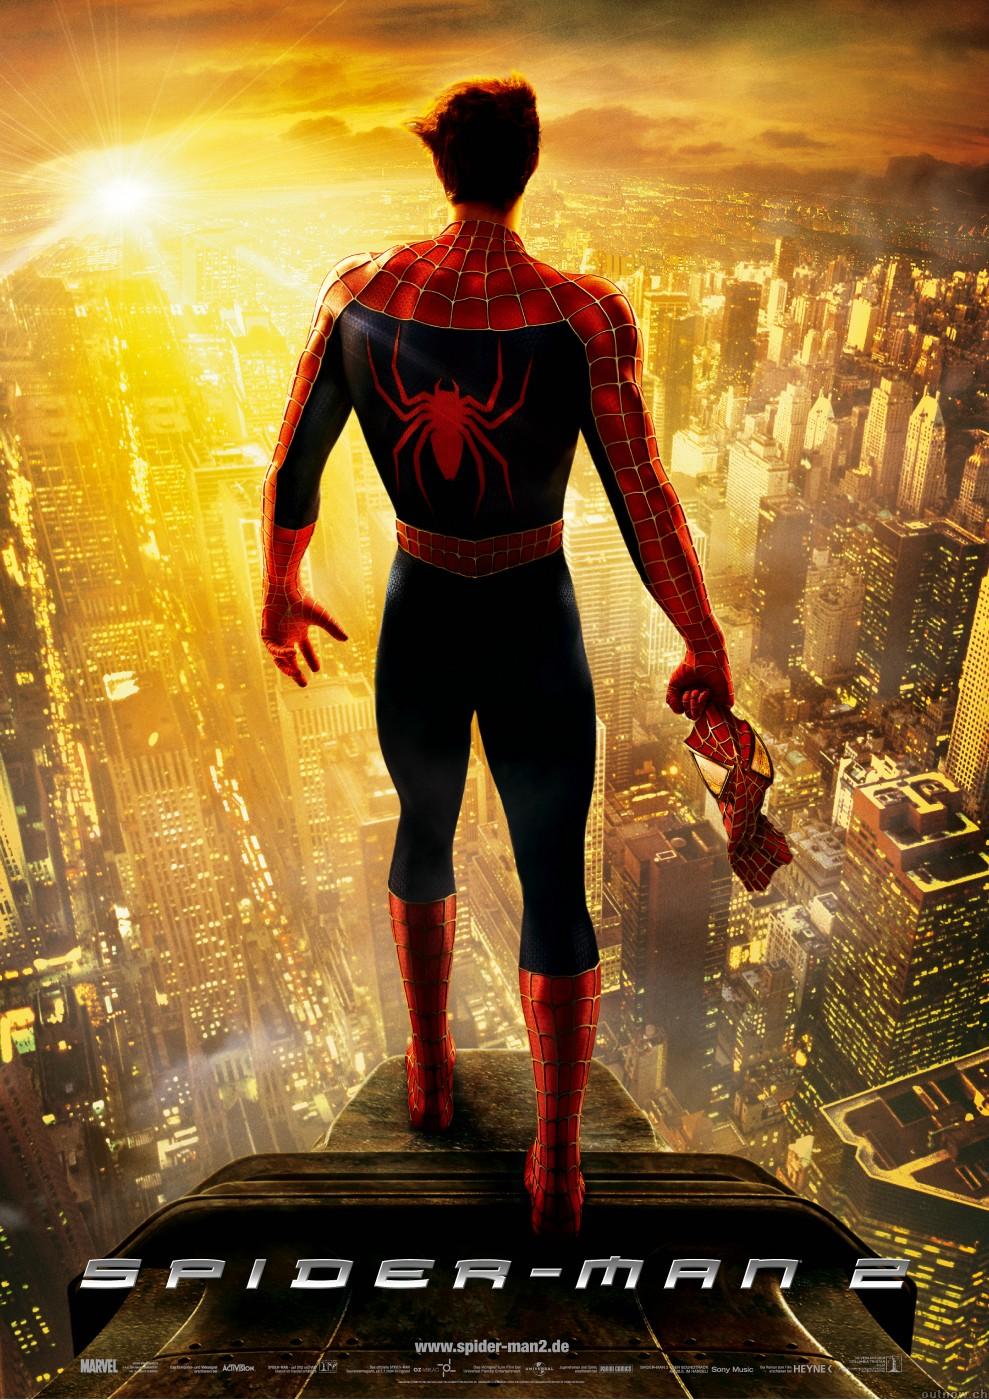 99136_Spider-Man_003_122_231lo.jpg